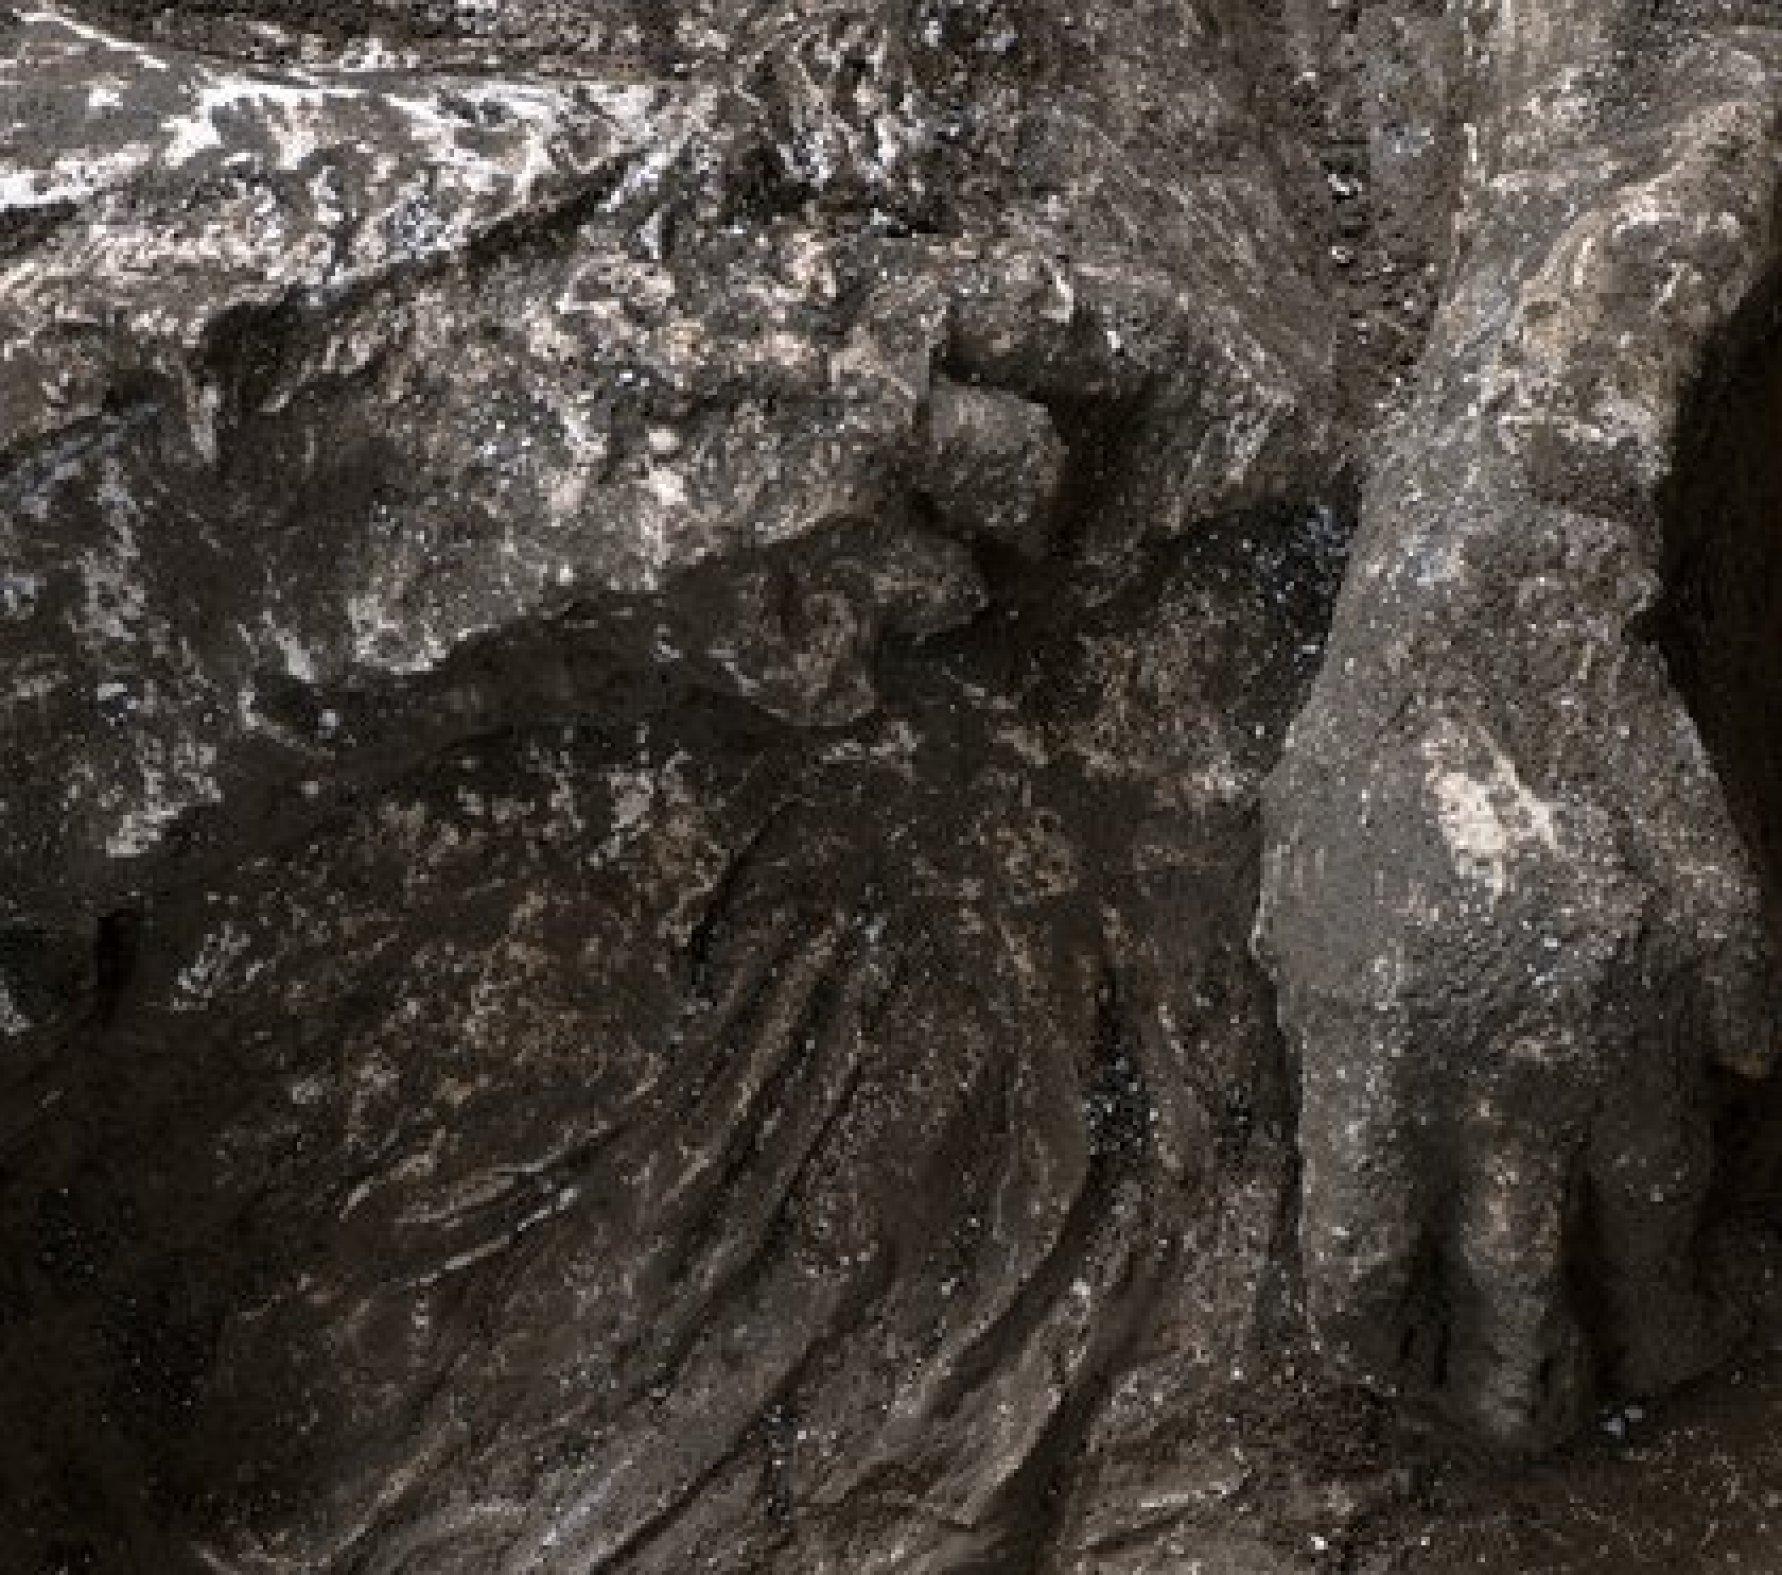 """""""Las víctimas probablemente buscaban refugio en el criptoporticus, en este espacio subterráneo, donde pensaban que estaban mejor protegidas"""", señaló el arqueólogo Massimo Osanna (Luigi Spina/Handout via REUTERS)"""